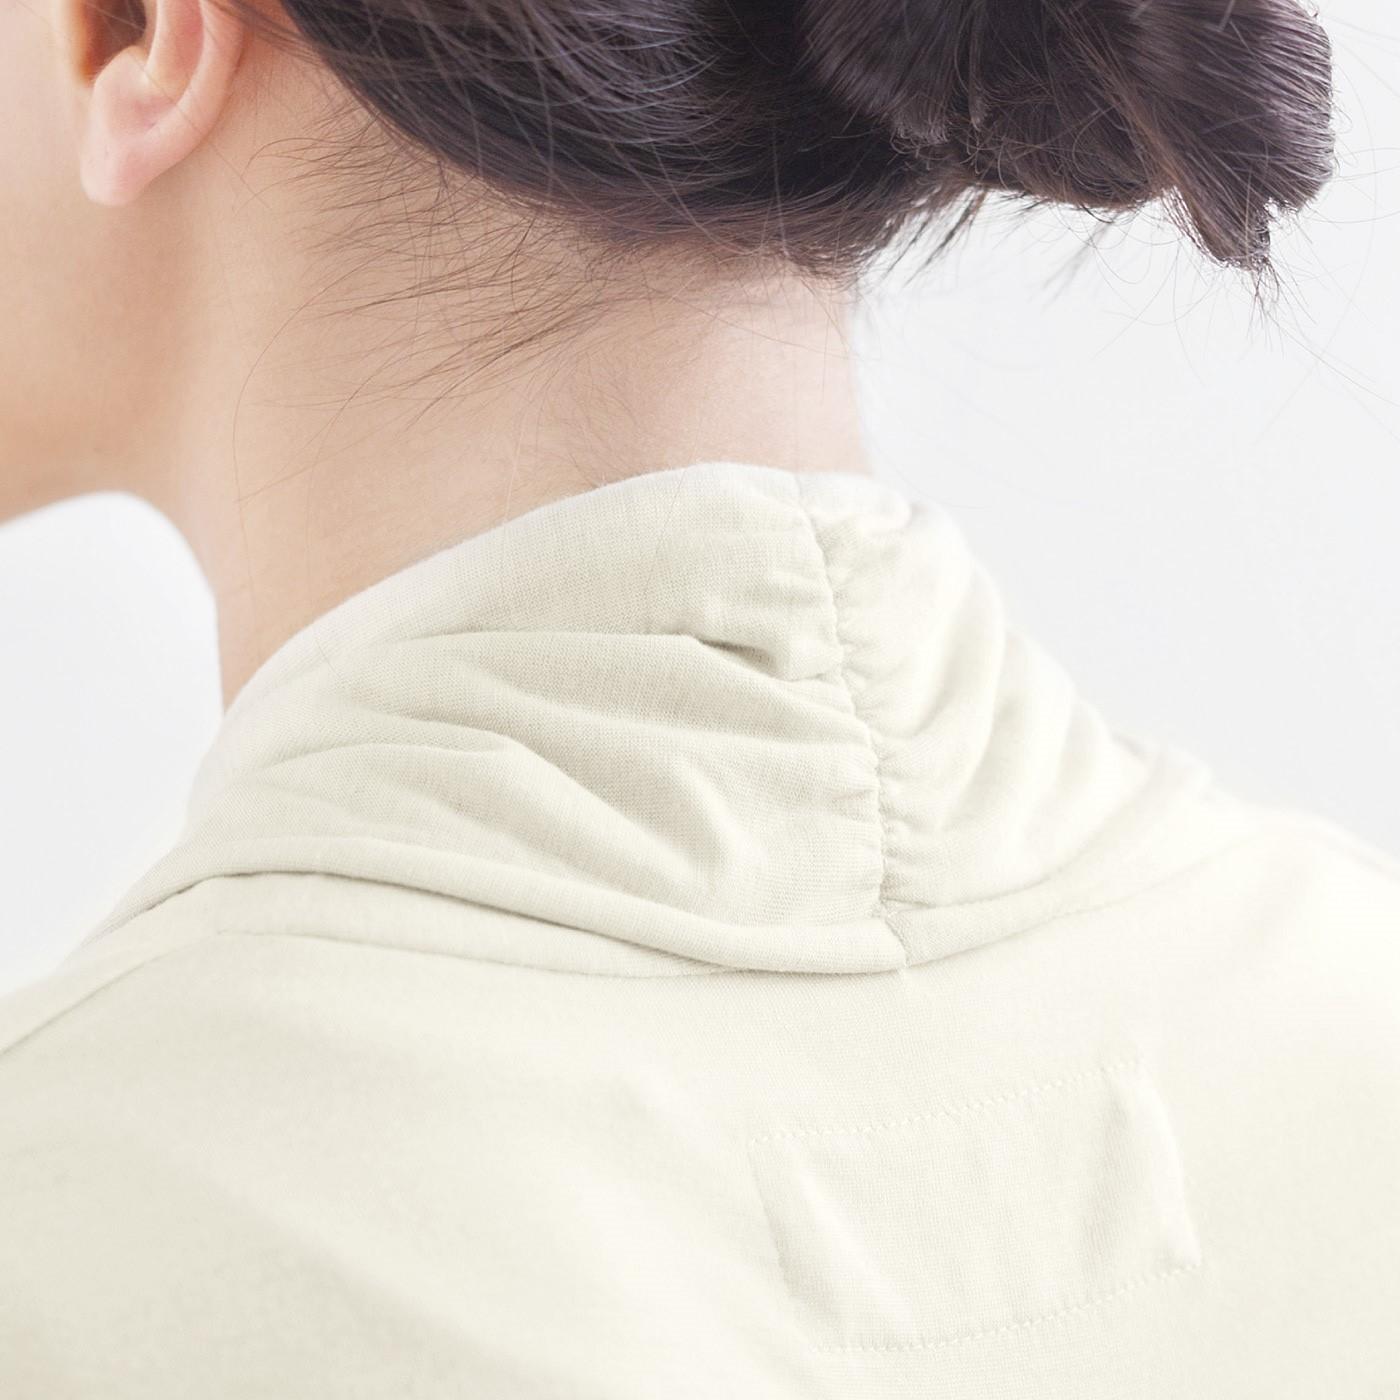 ほどよい張り感の綿レースは扱いやすく、上品な印象に。